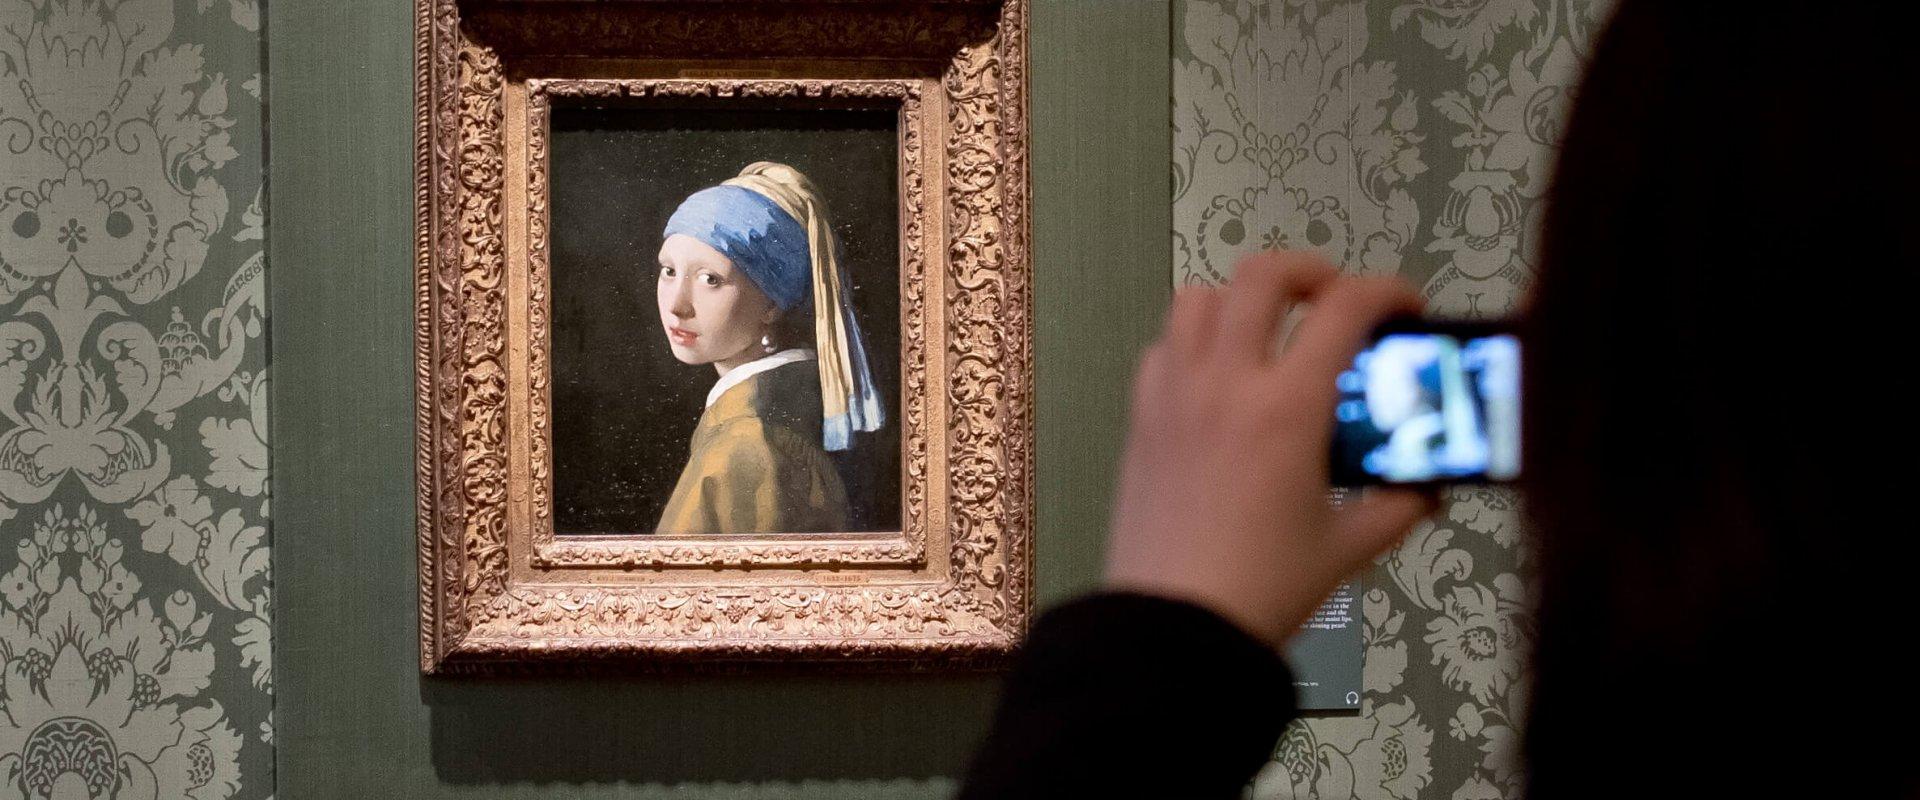 Die 5 Schönsten Vermeers Laut Delftcom